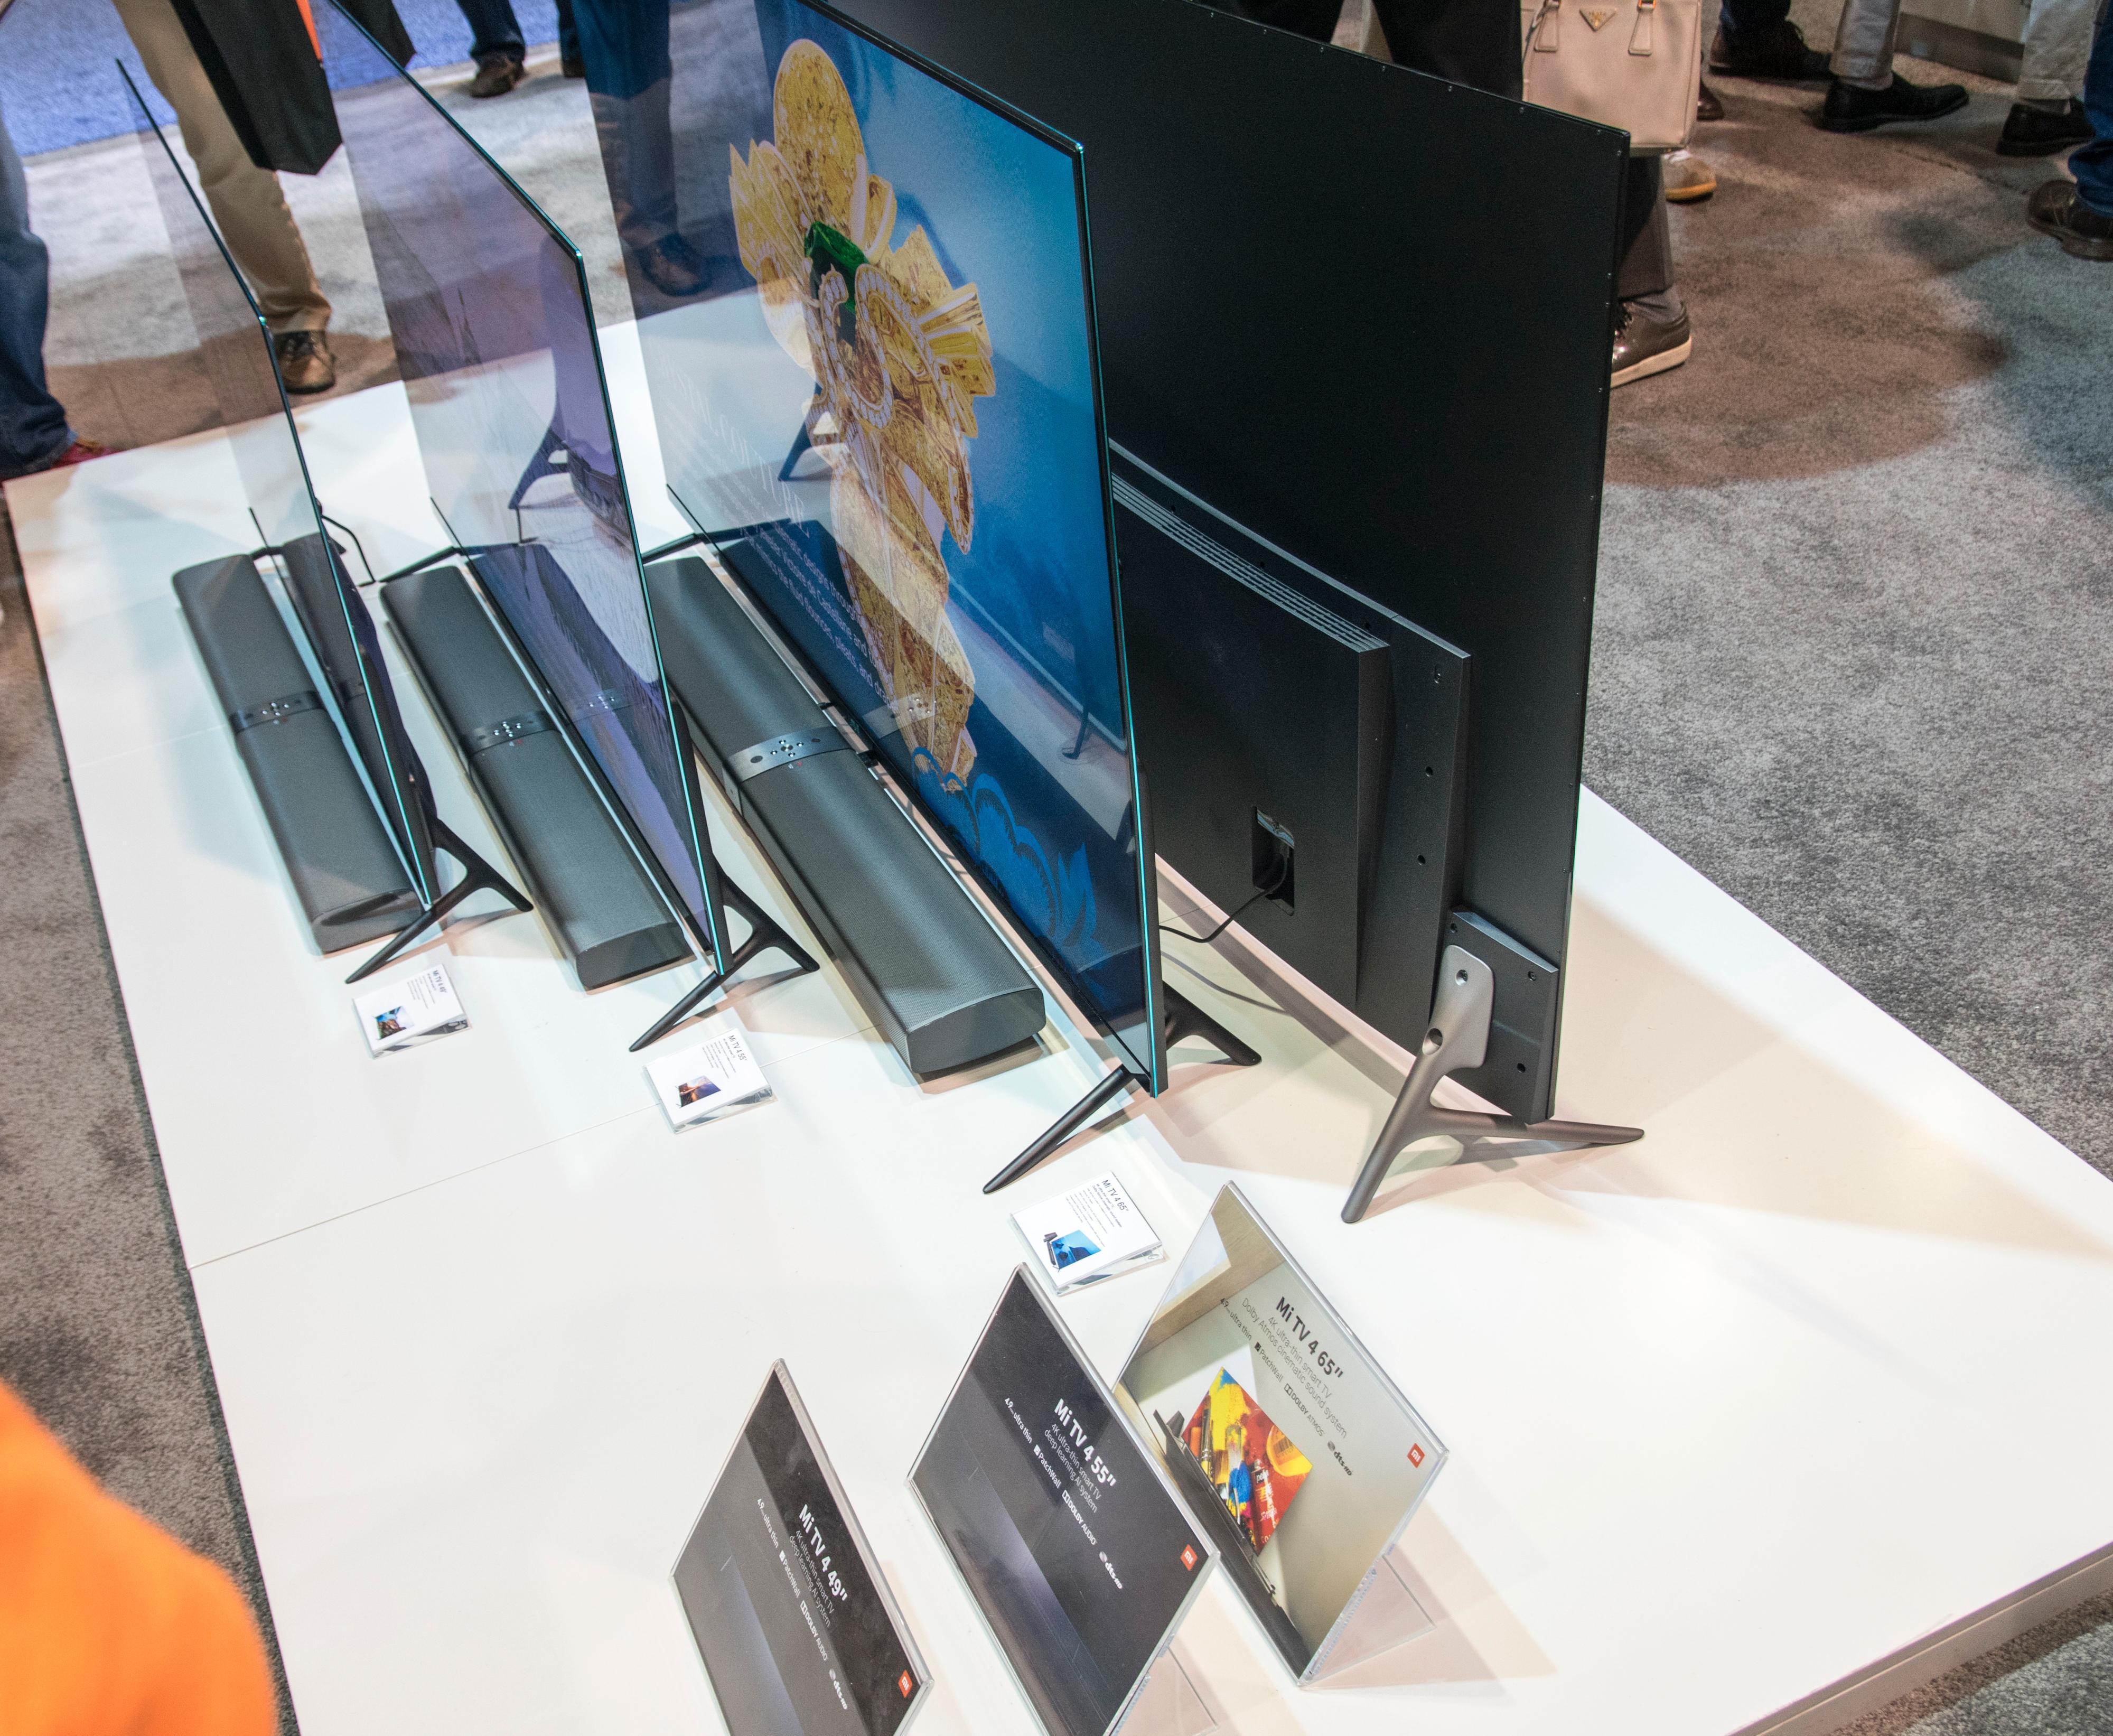 Et utvalg av Xiaomis TV-modeller. 65-tommeren kommermed en lydplanke som også støtter Dolby Atmos.